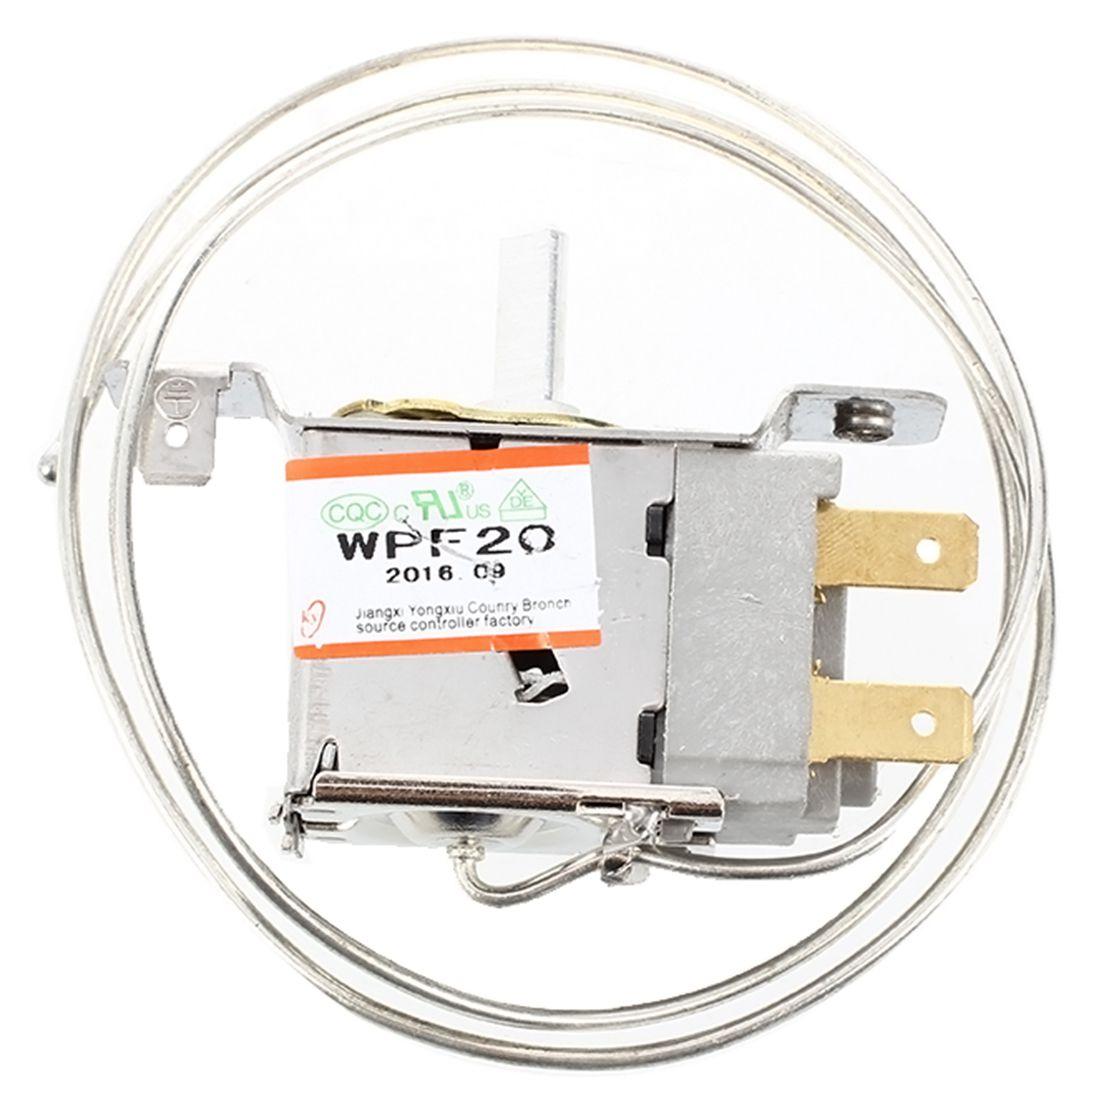 ac 220v 6a 2 pin freezer refrigerator thermostat wpf 22 de ebay